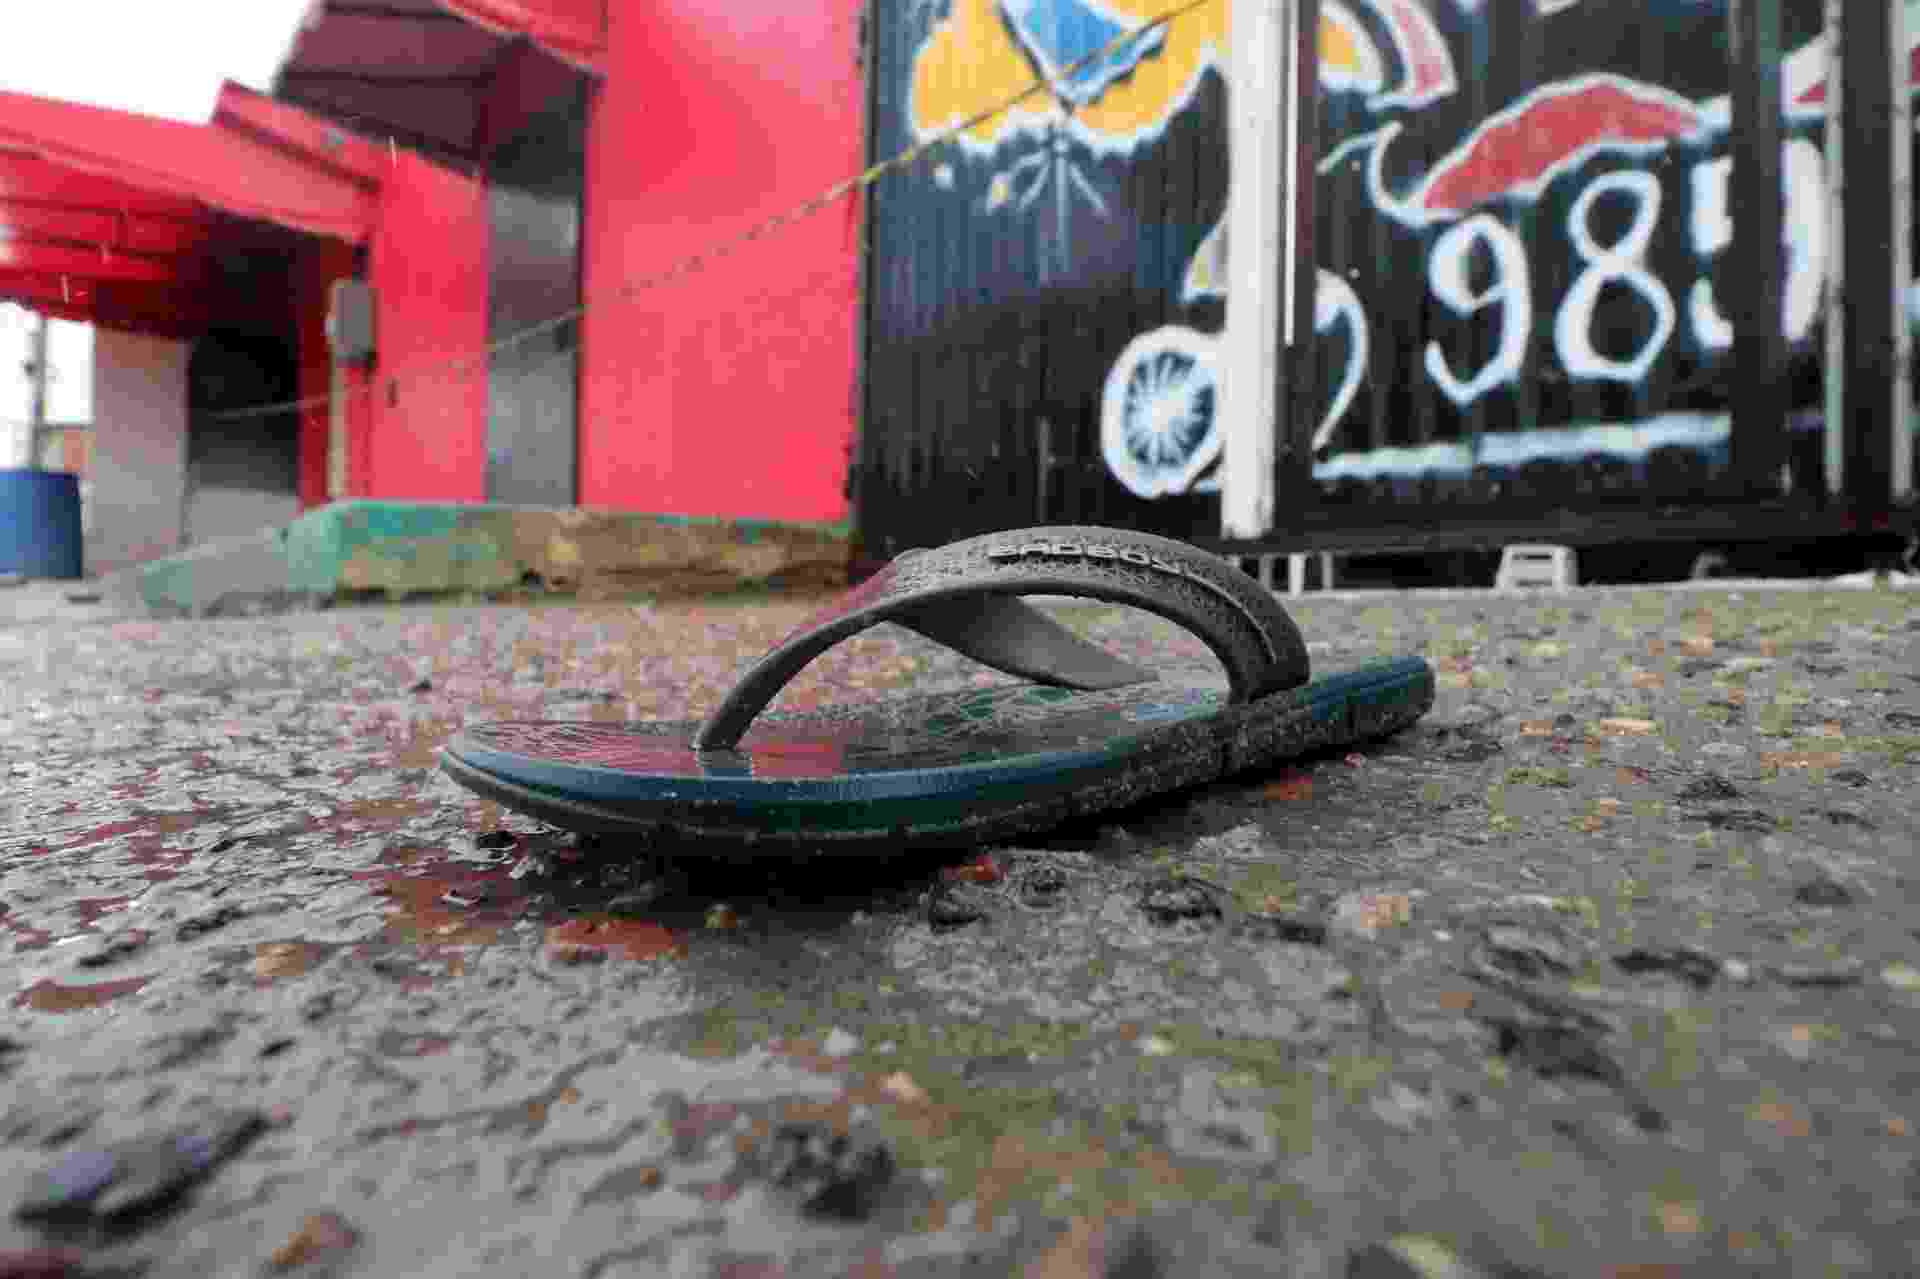 27.jan.2018 - Disputa entre facções em Fortaleza termina em chacina em uma casa de shows na madrugada deste sábado - Rodrigo Carvalho/AFP